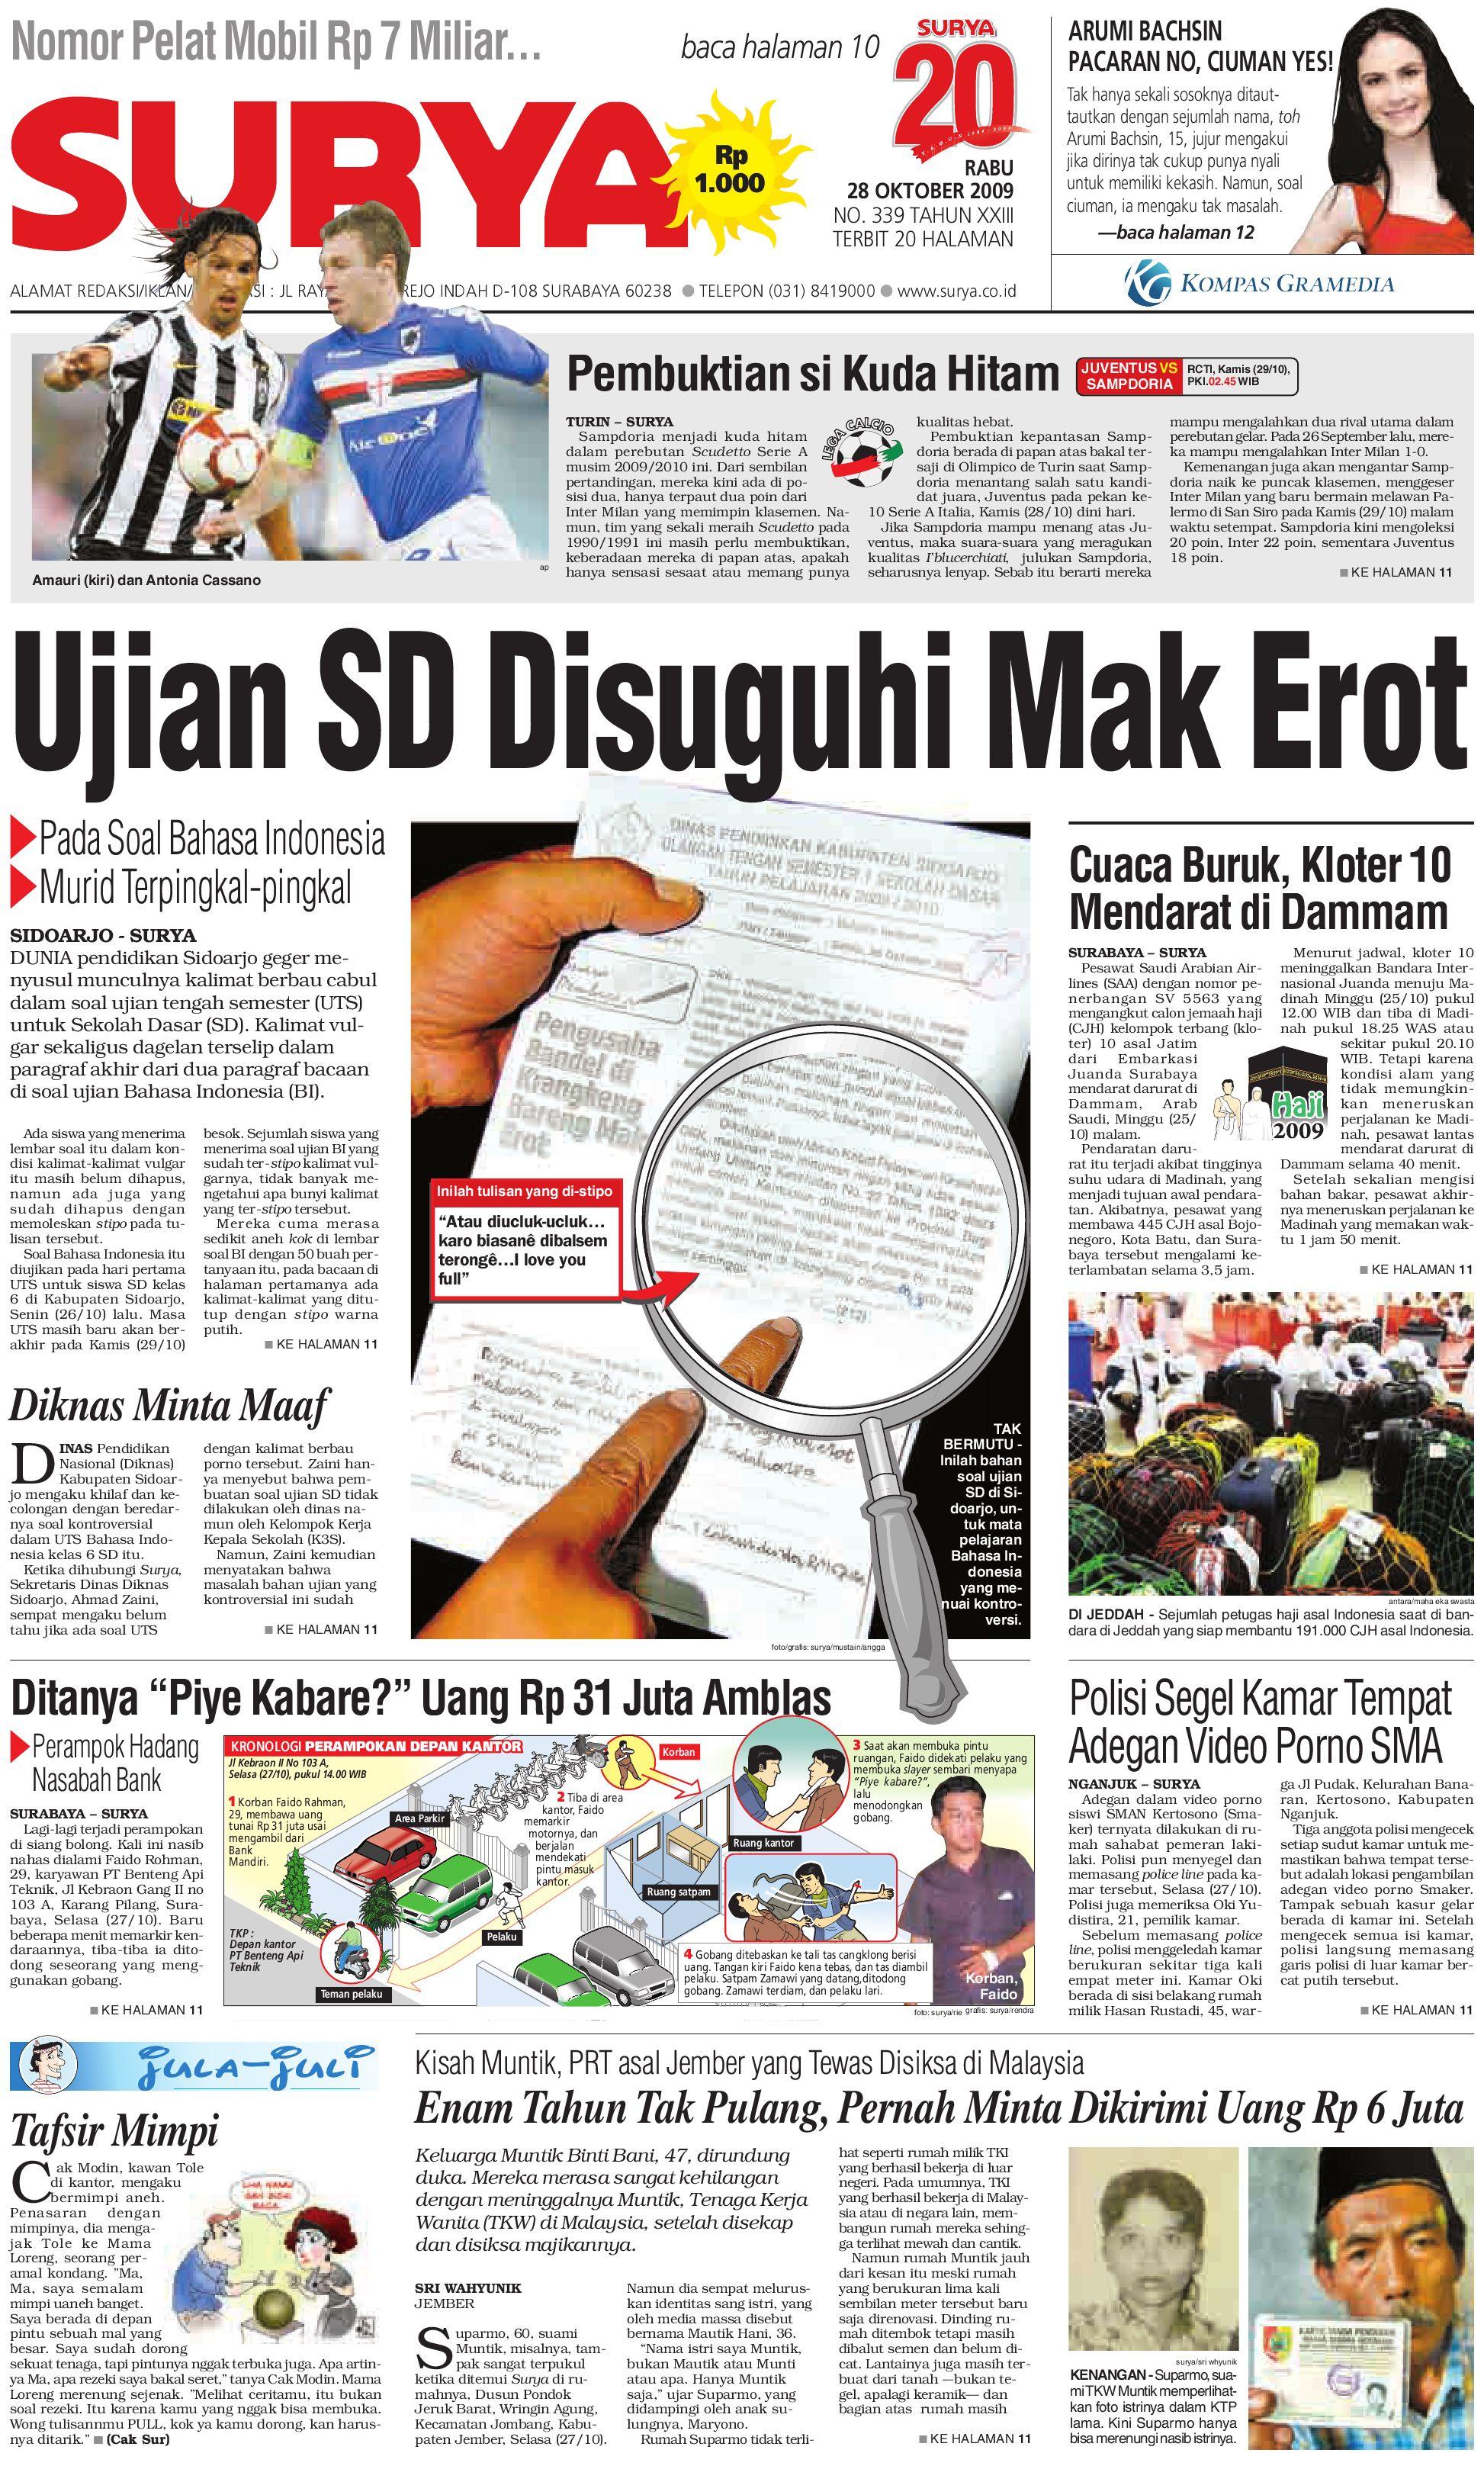 Surya Edisi Cetak 28 Okt 2009 By Harian Issuu Produk Ukm Bumn Baju Muslim Anak Laki Dannis Nomor 10 Abu